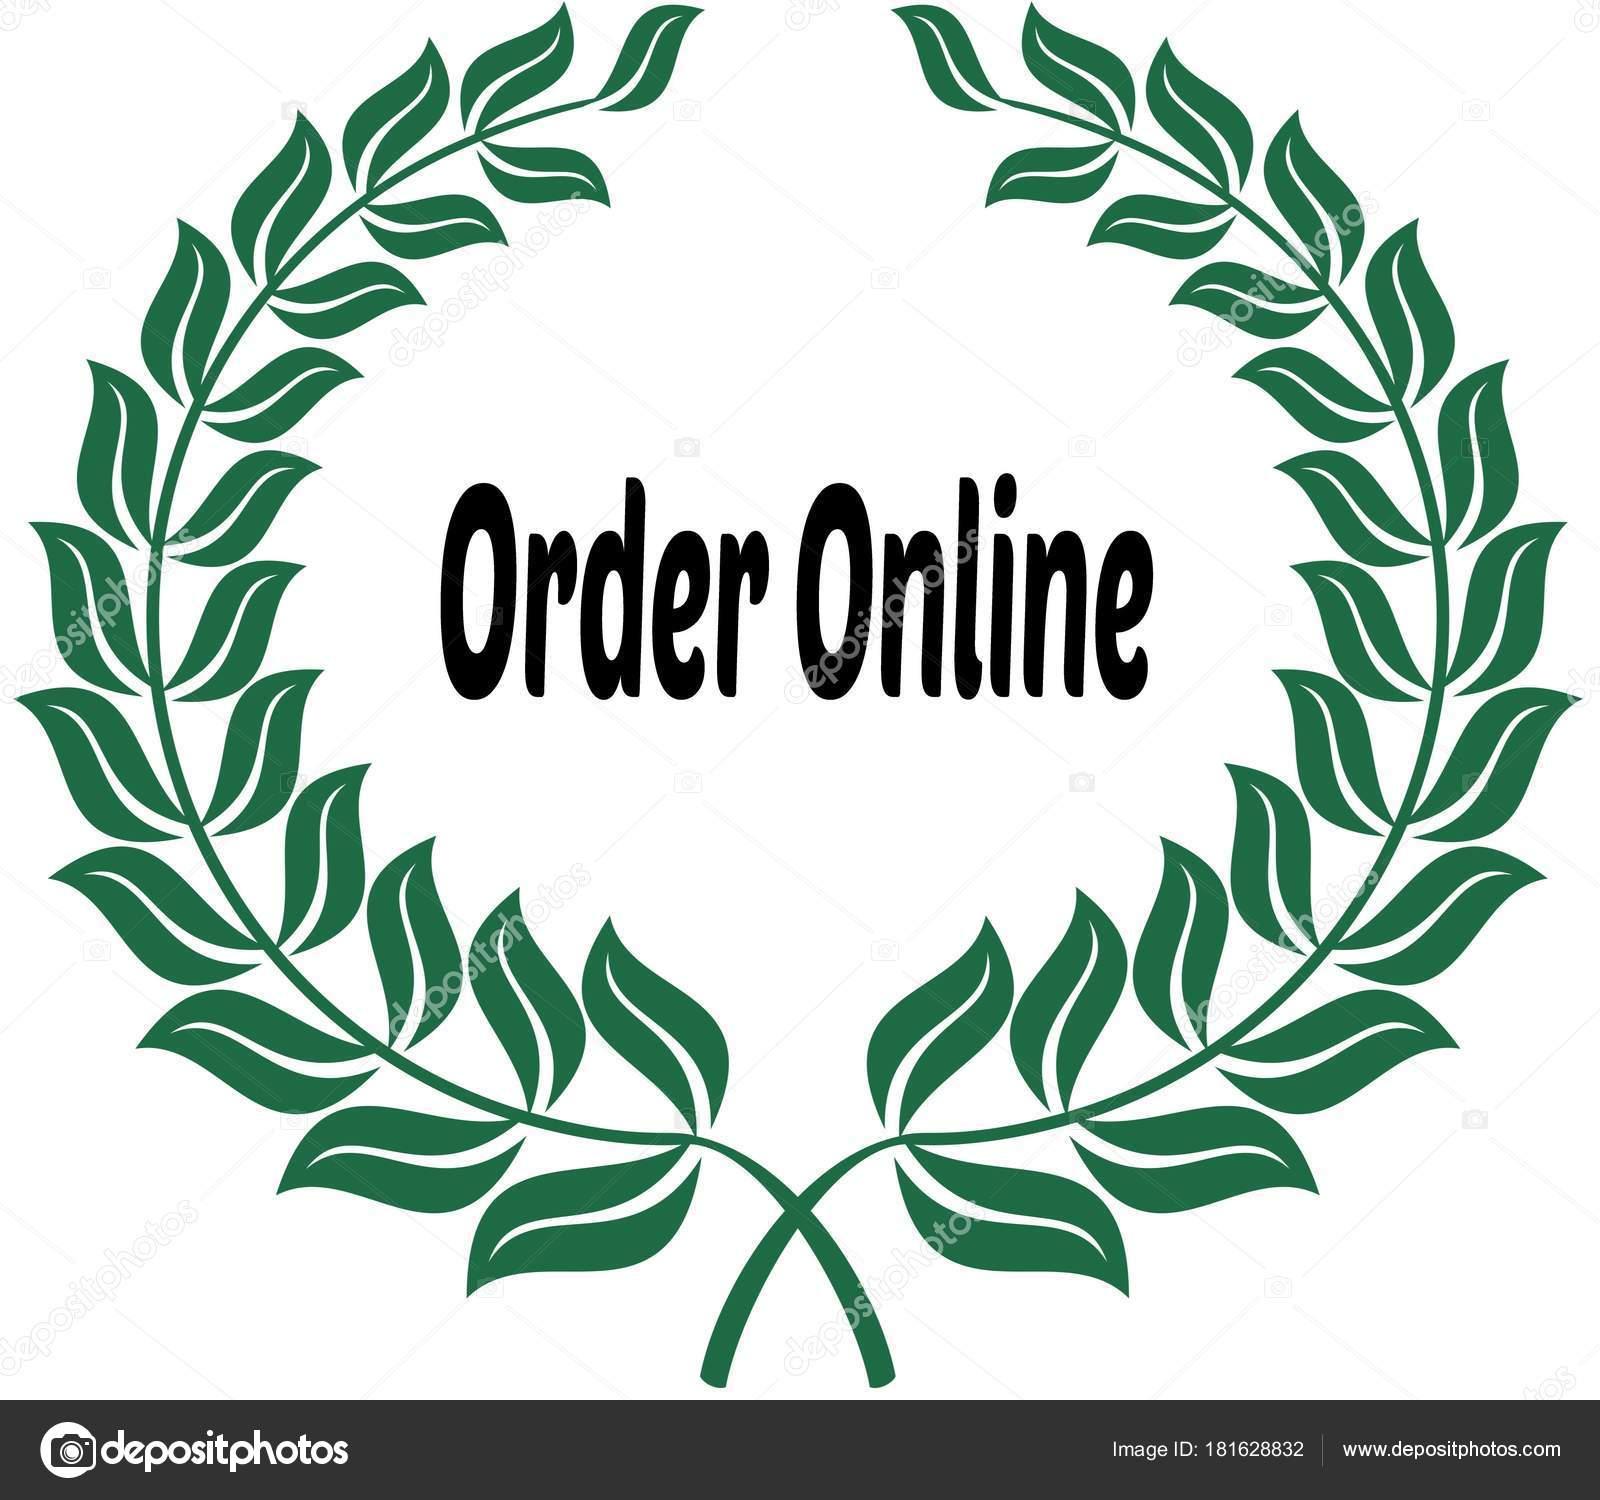 Order online on green laurels sticker label illustration image photo by